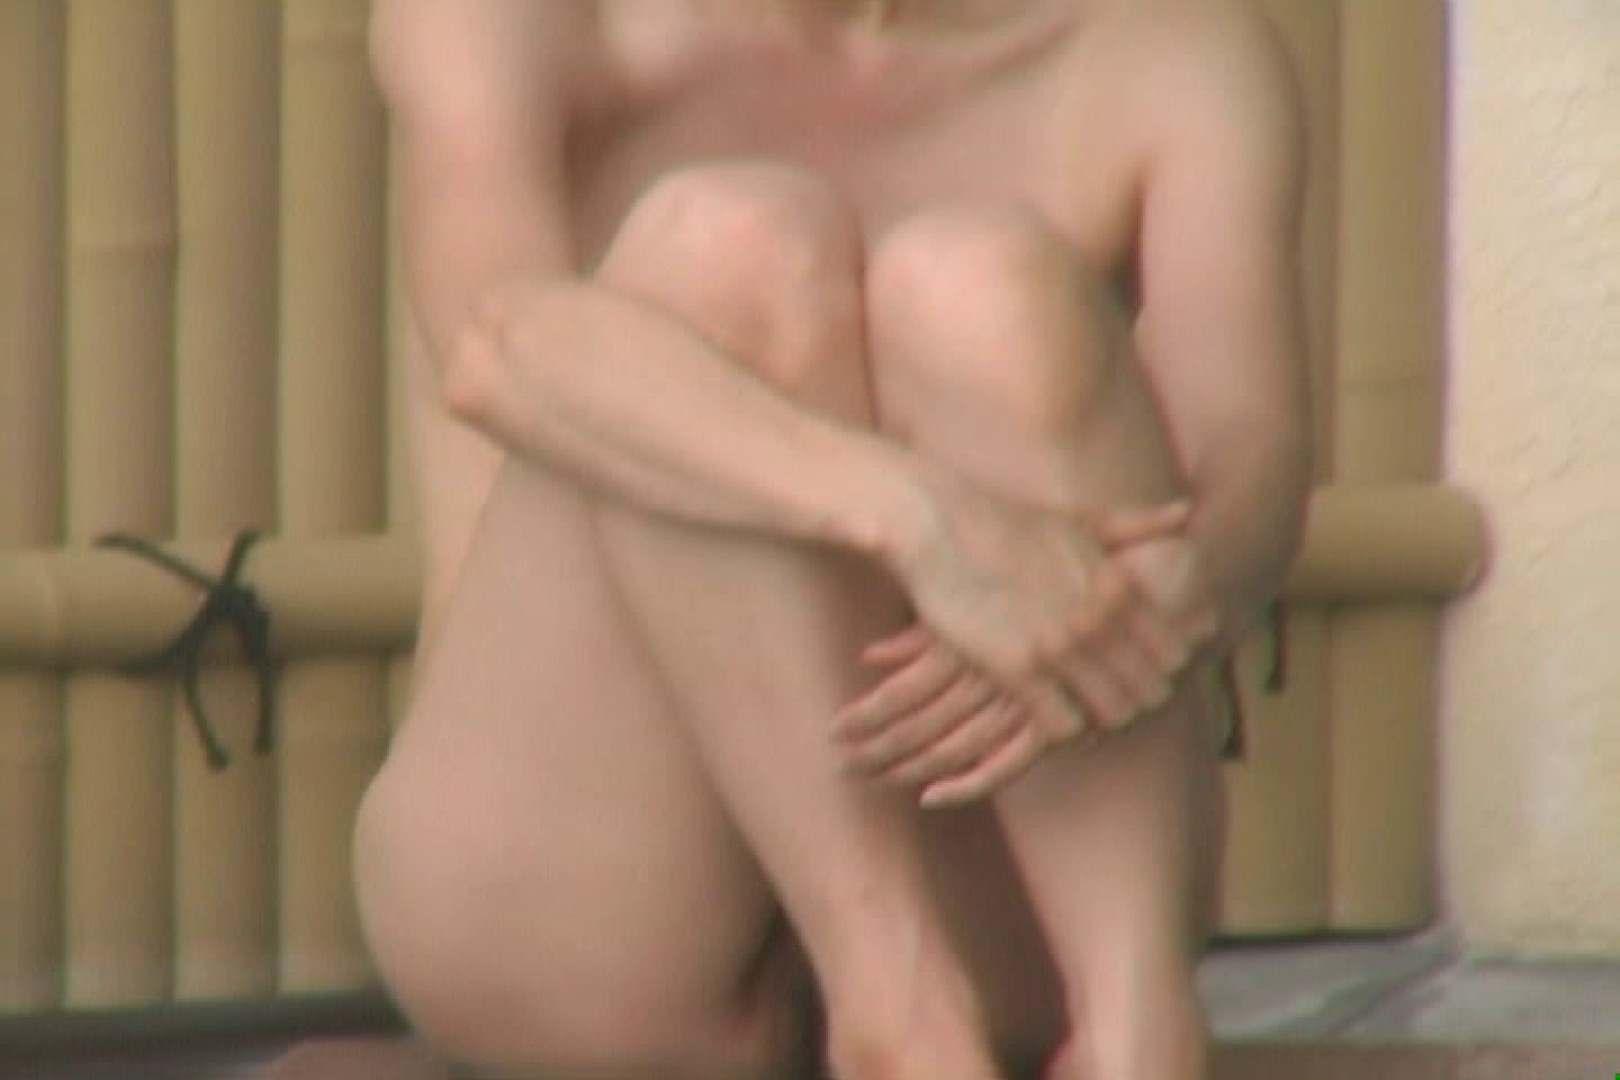 Aquaな露天風呂Vol.578 盗撮師作品 | 美しいOLの裸体  70pic 19